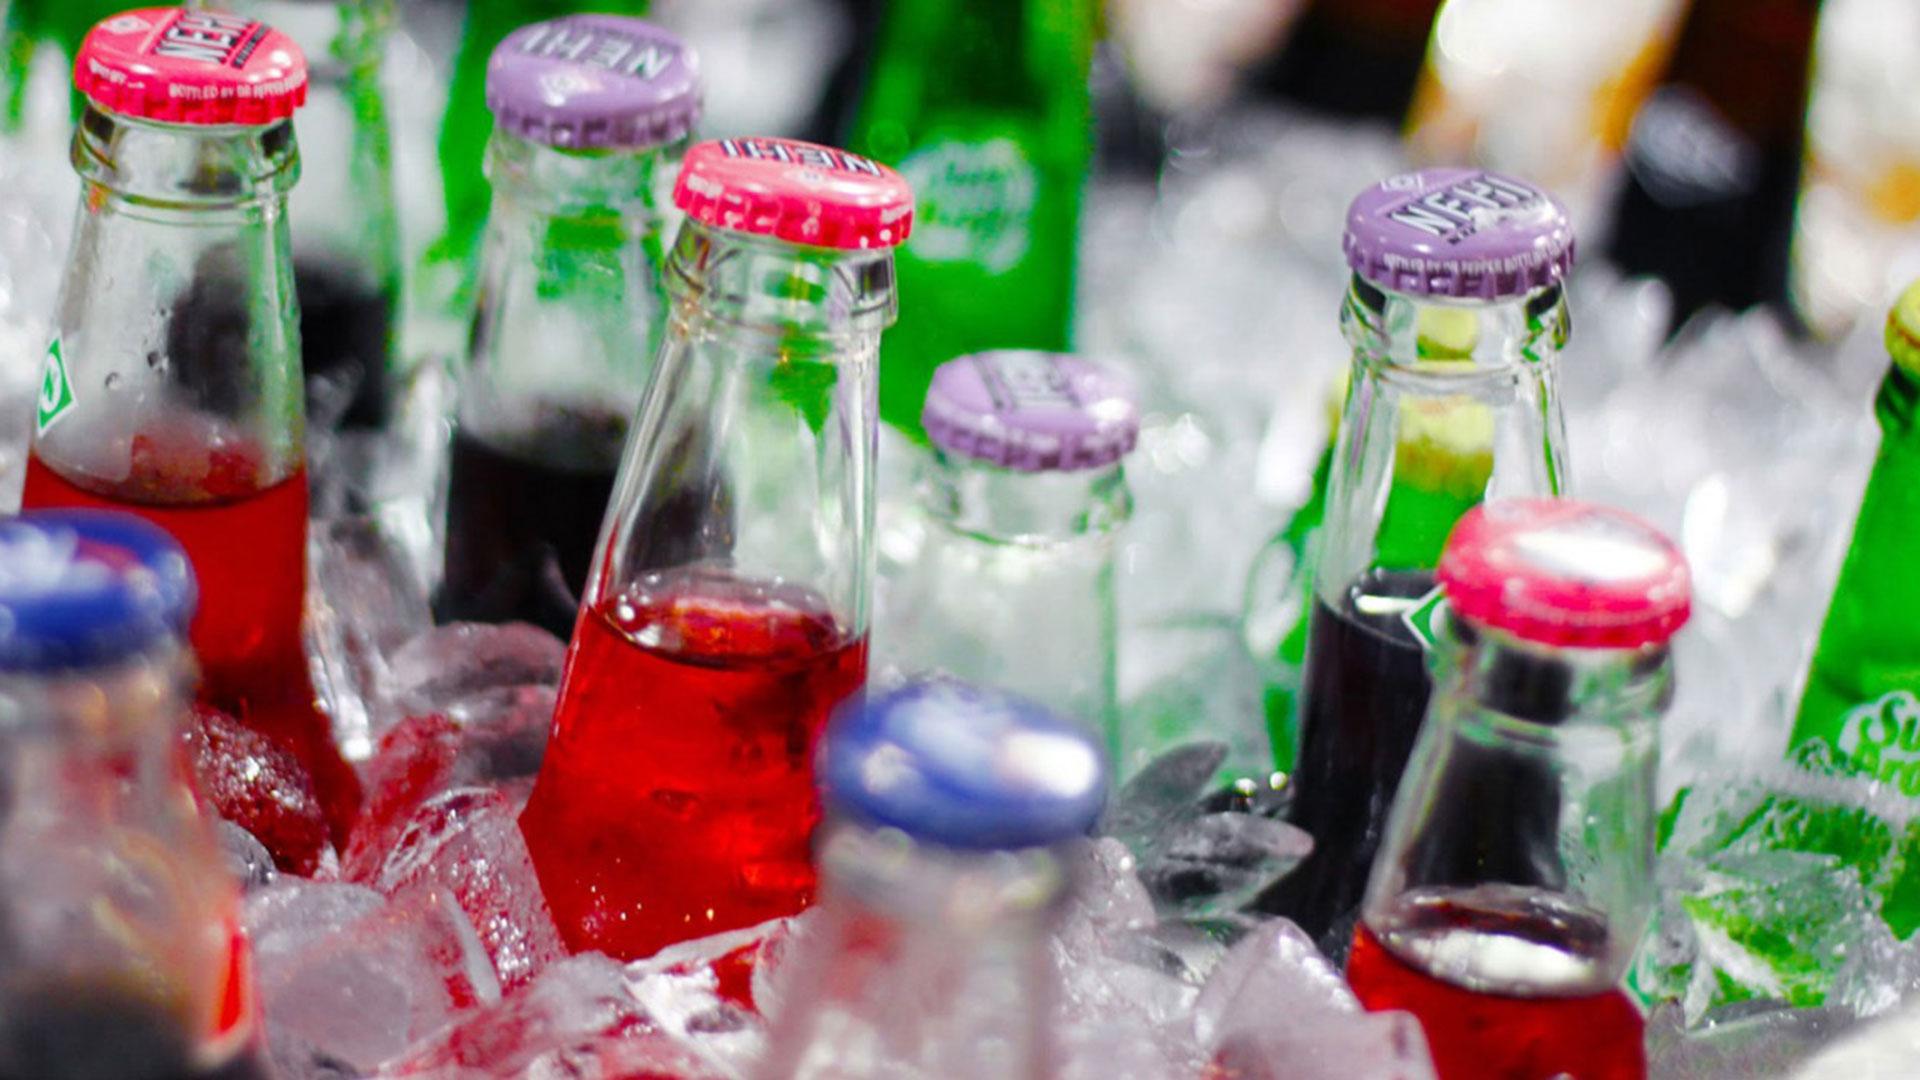 Los latinoamericanos son los mayores consumidores de bebidas azucaradas en el mundo - Infobae